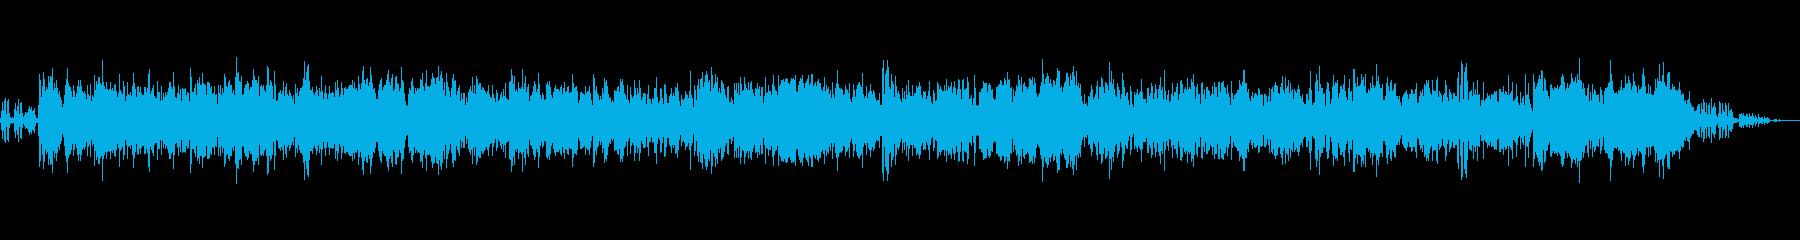 ハワイアンジャズバンドと鳥の声(環境音)の再生済みの波形